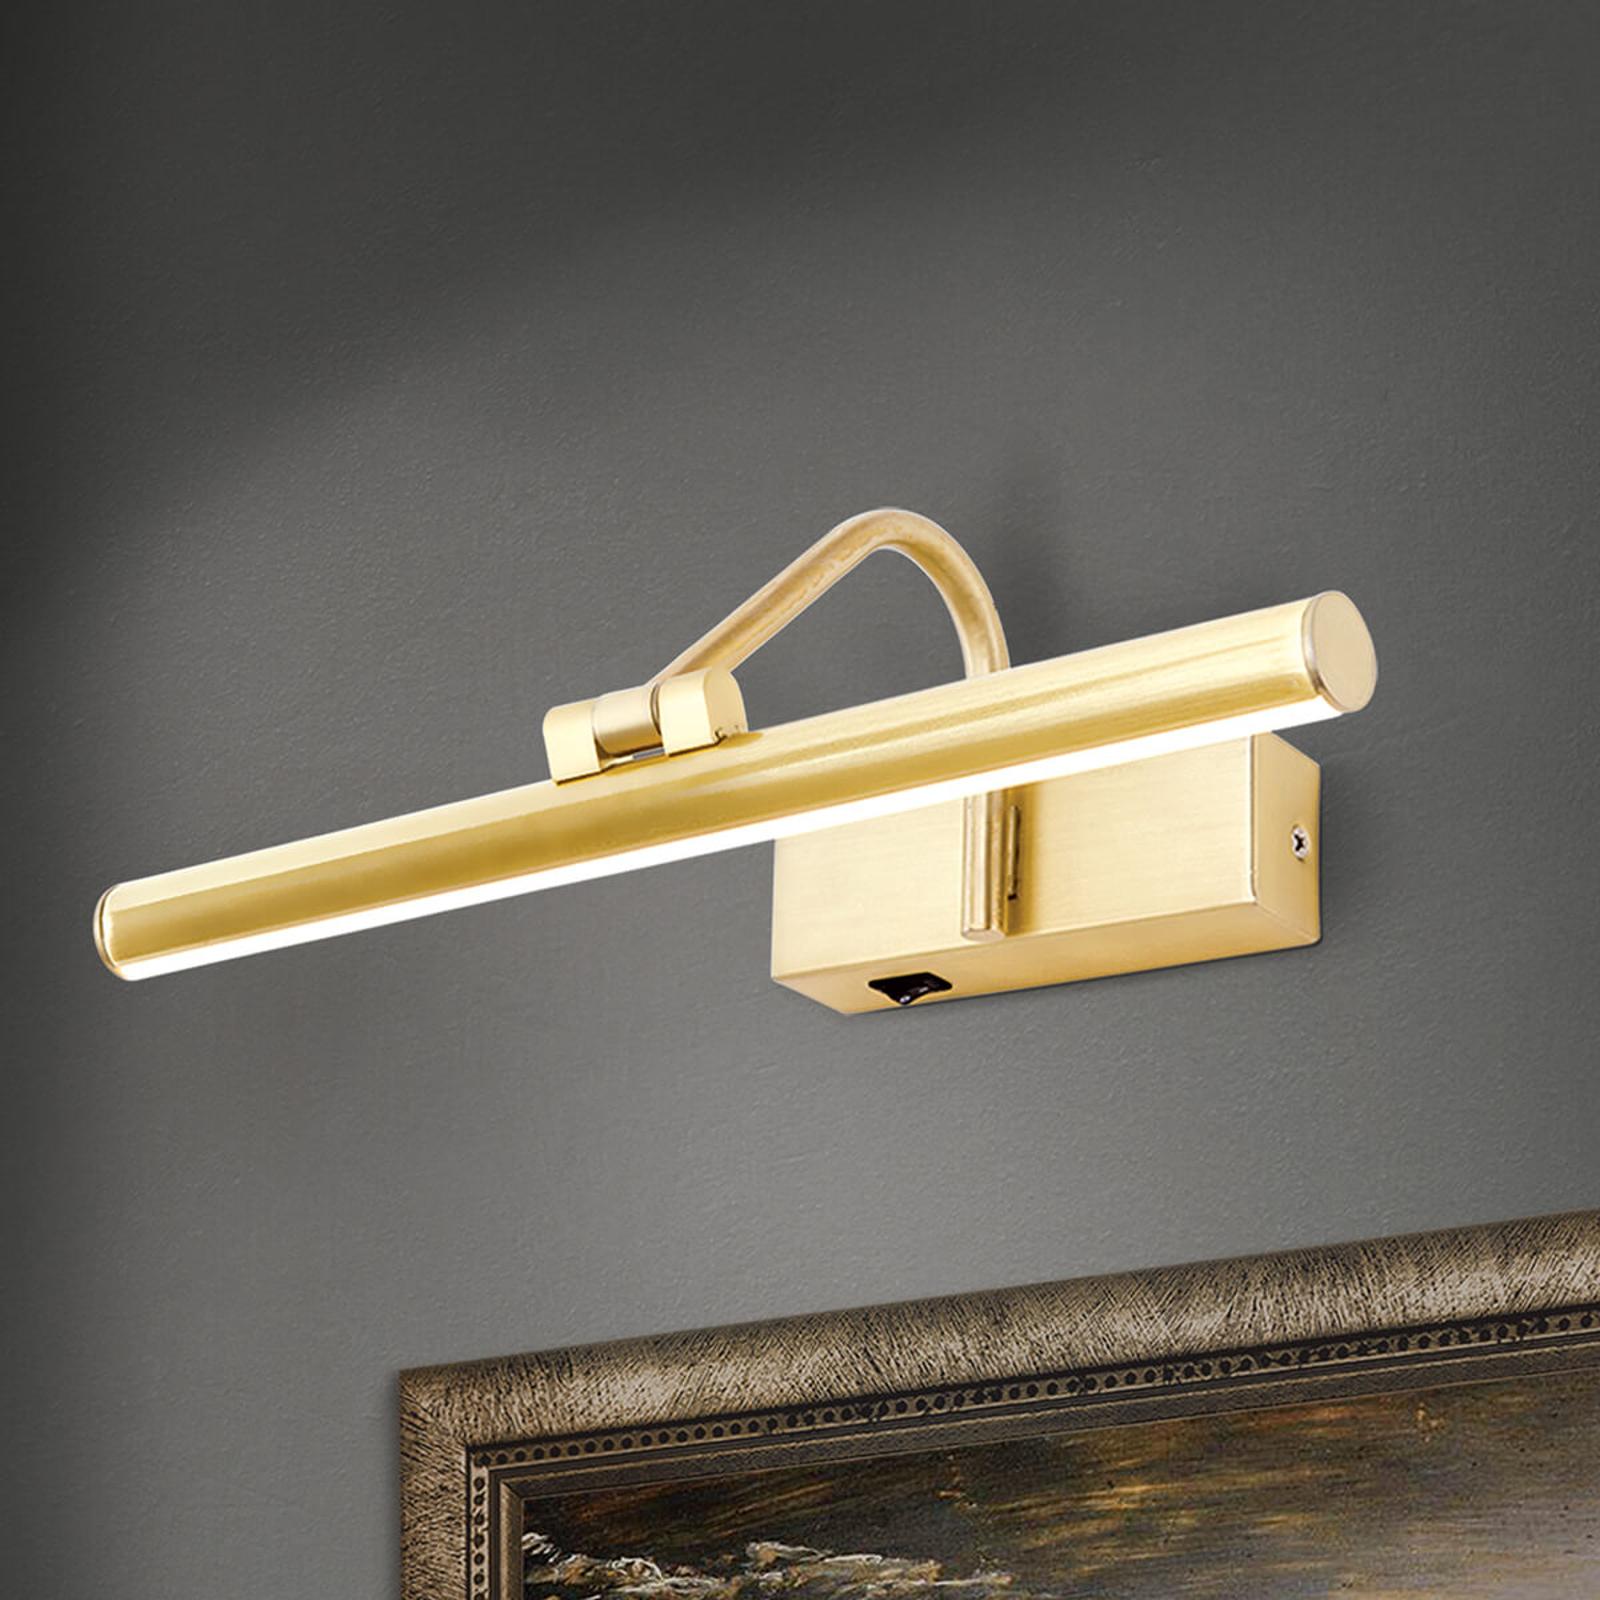 Goldene LED-Bilderleuchte Sofia - 30 cm